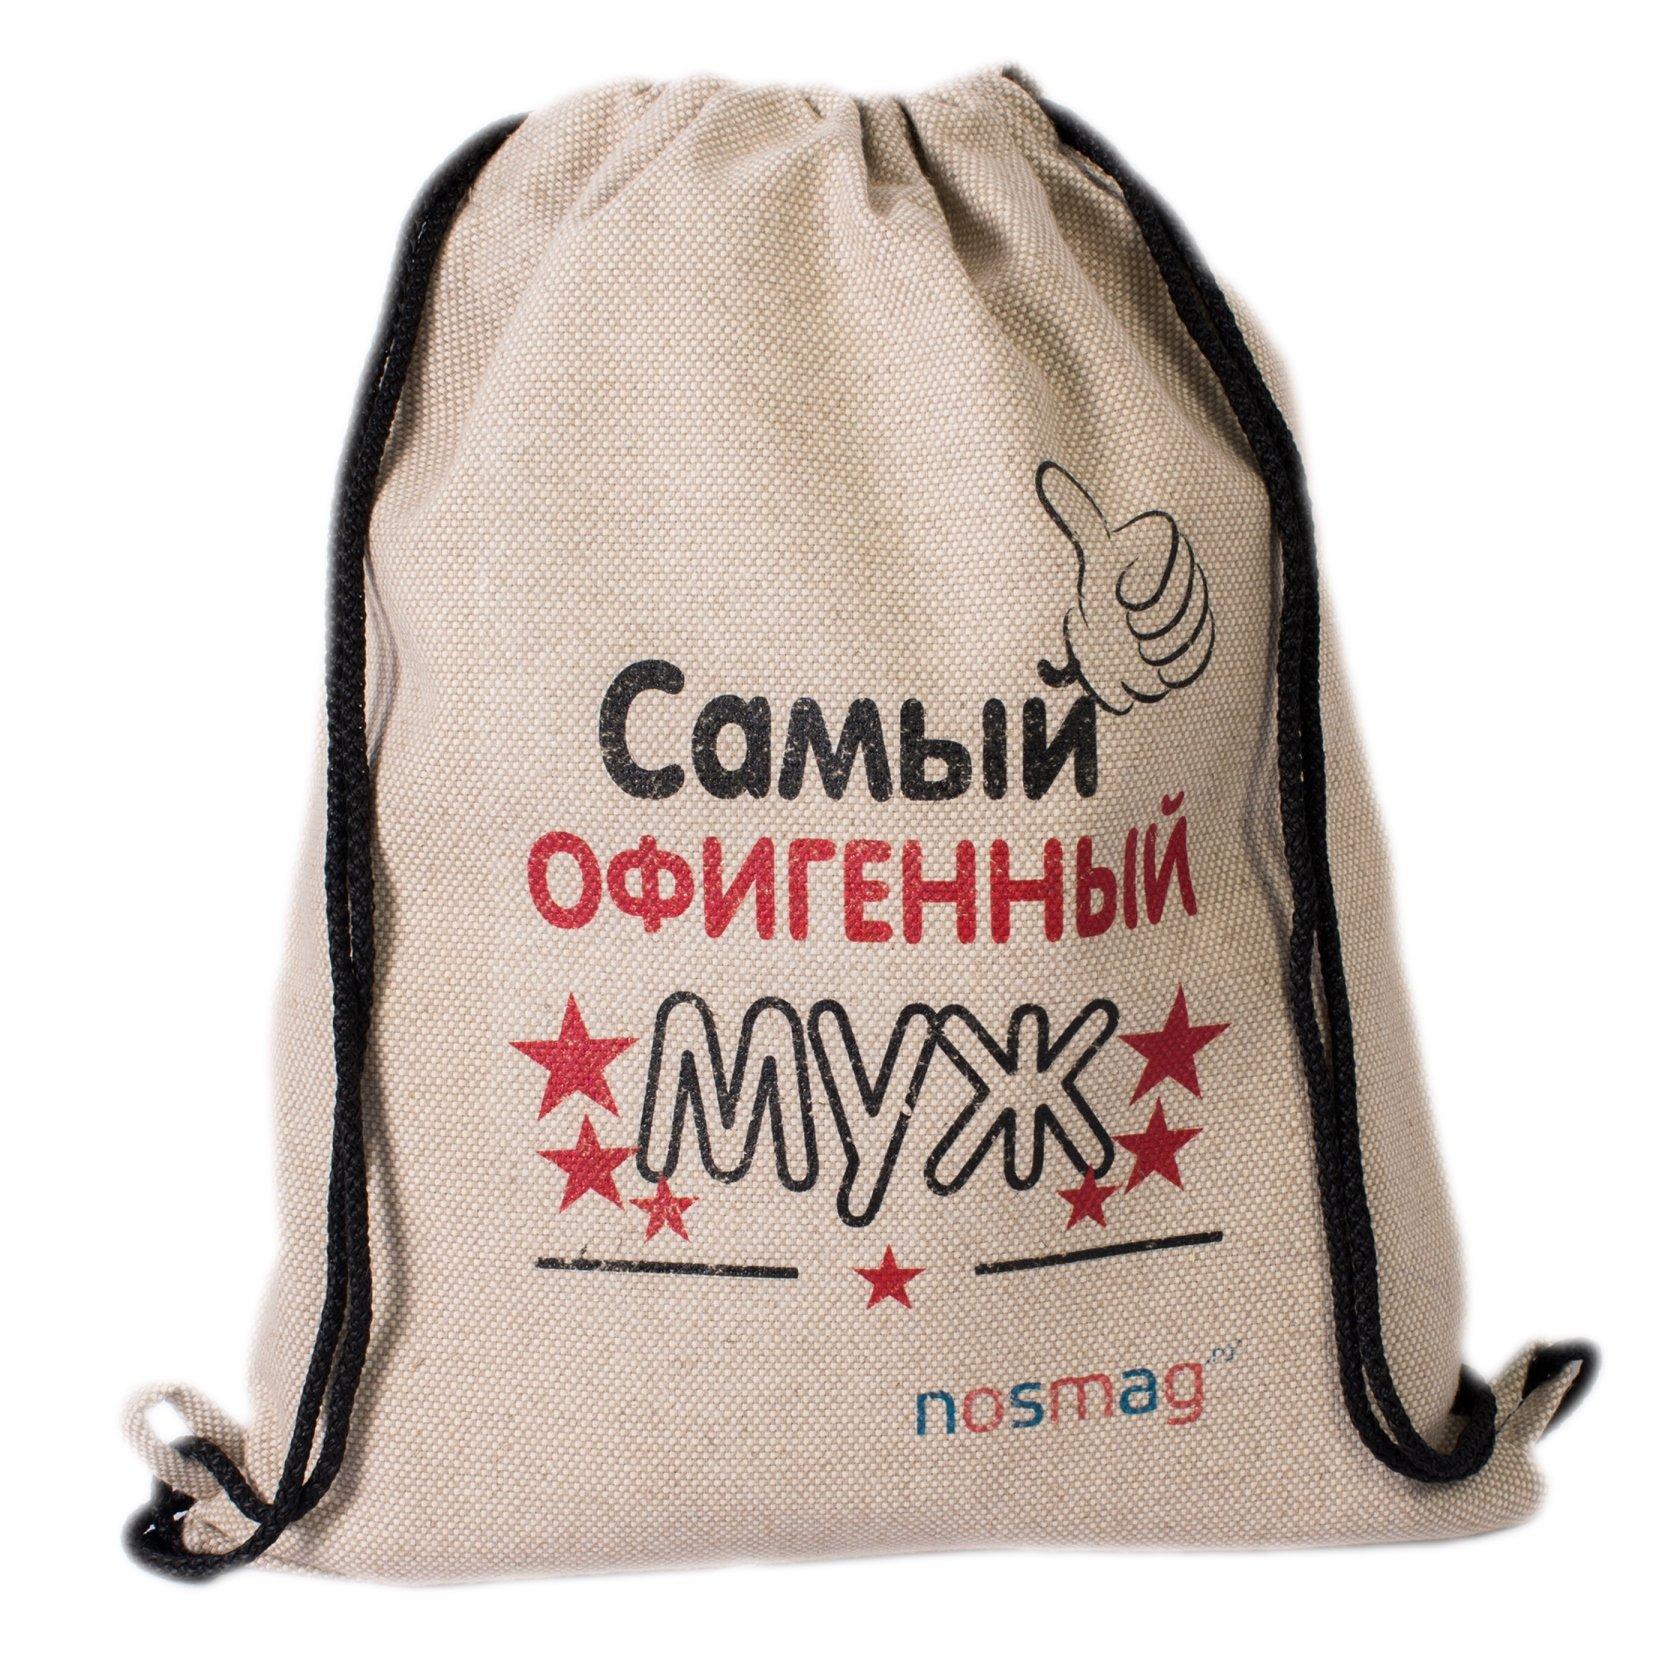 Набор носков «Бизнес» 20 пар в мешке с надписью «Самый офигенный муж»